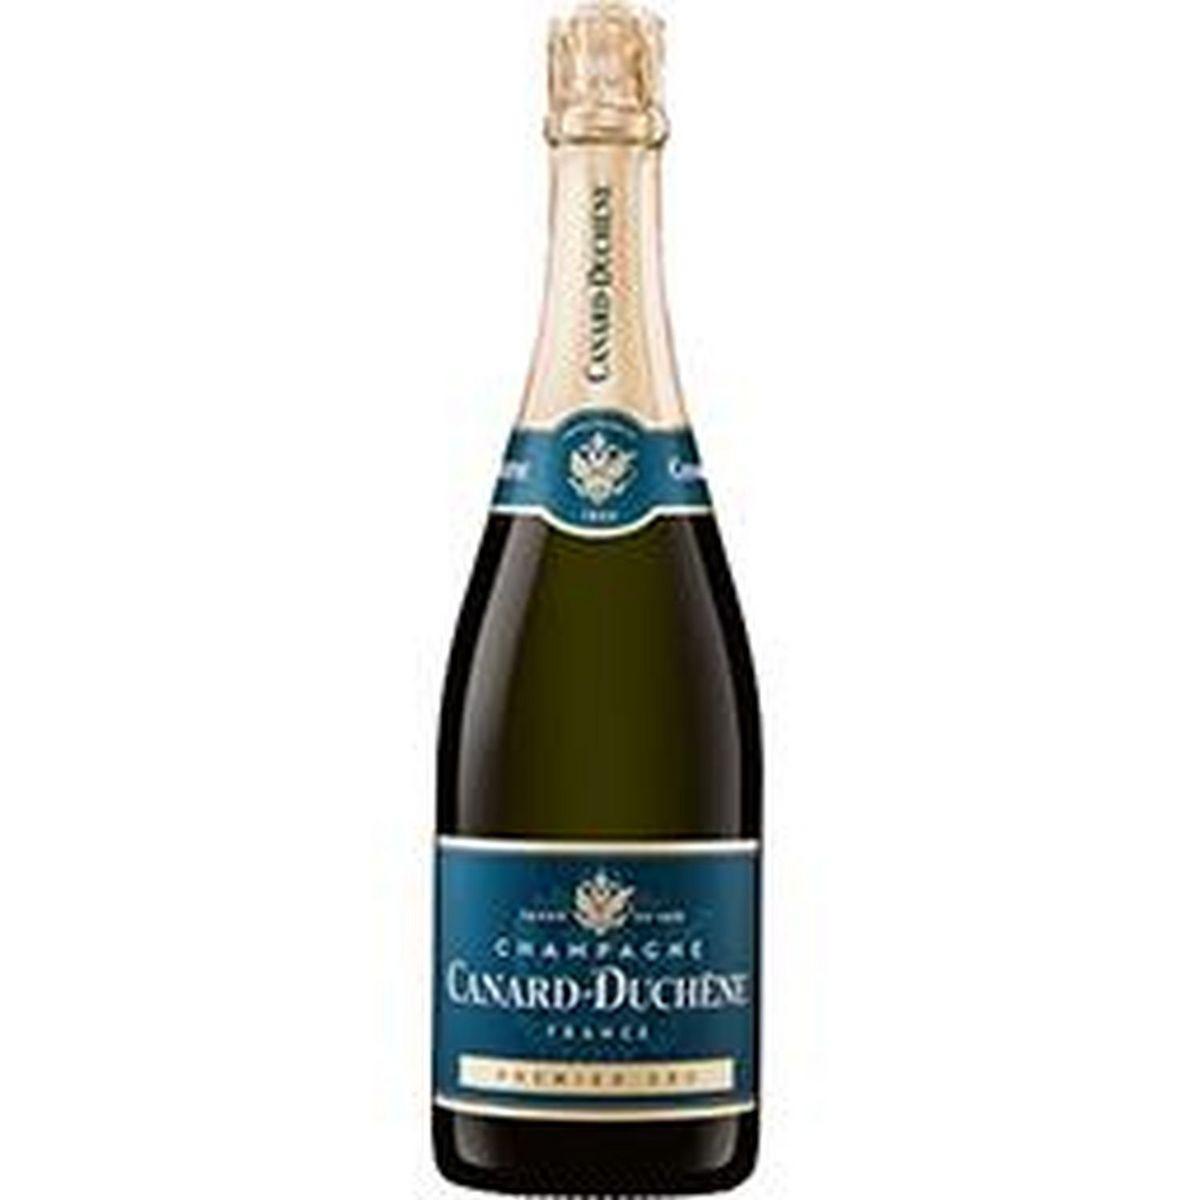 AOP Champagne Canard Duchêne 1er Cru Brut